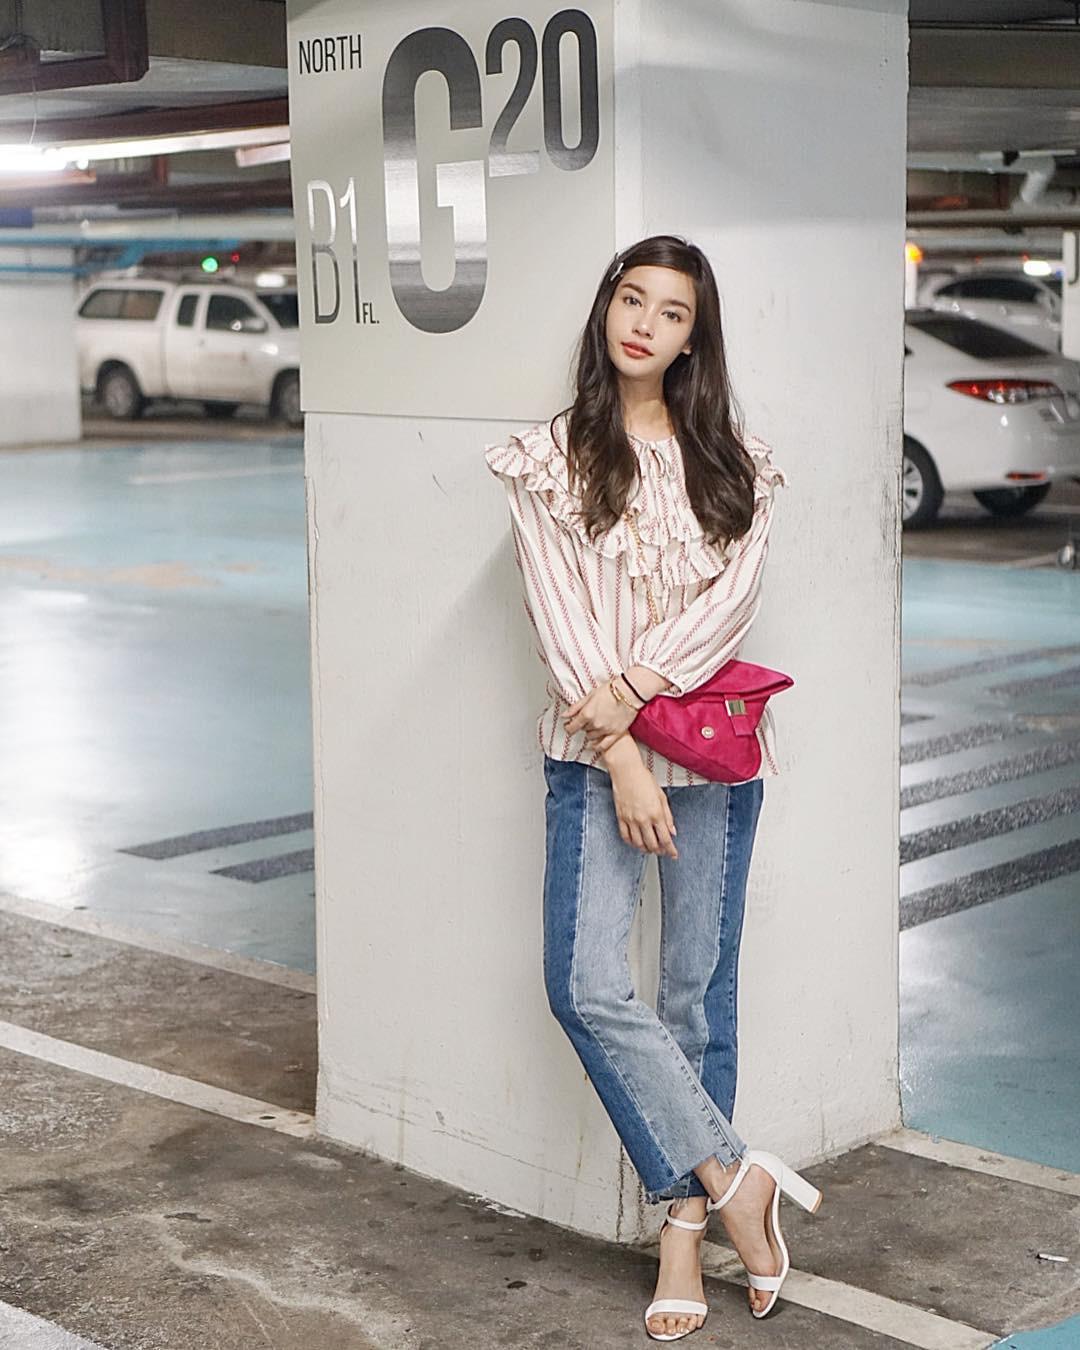 Đừng nghĩ mặc jeans là không điệu được, cứ nhìn các nàng blogger lên đồ cực xinh qua 15 set đồ này sẽ biết ngay - Ảnh 2